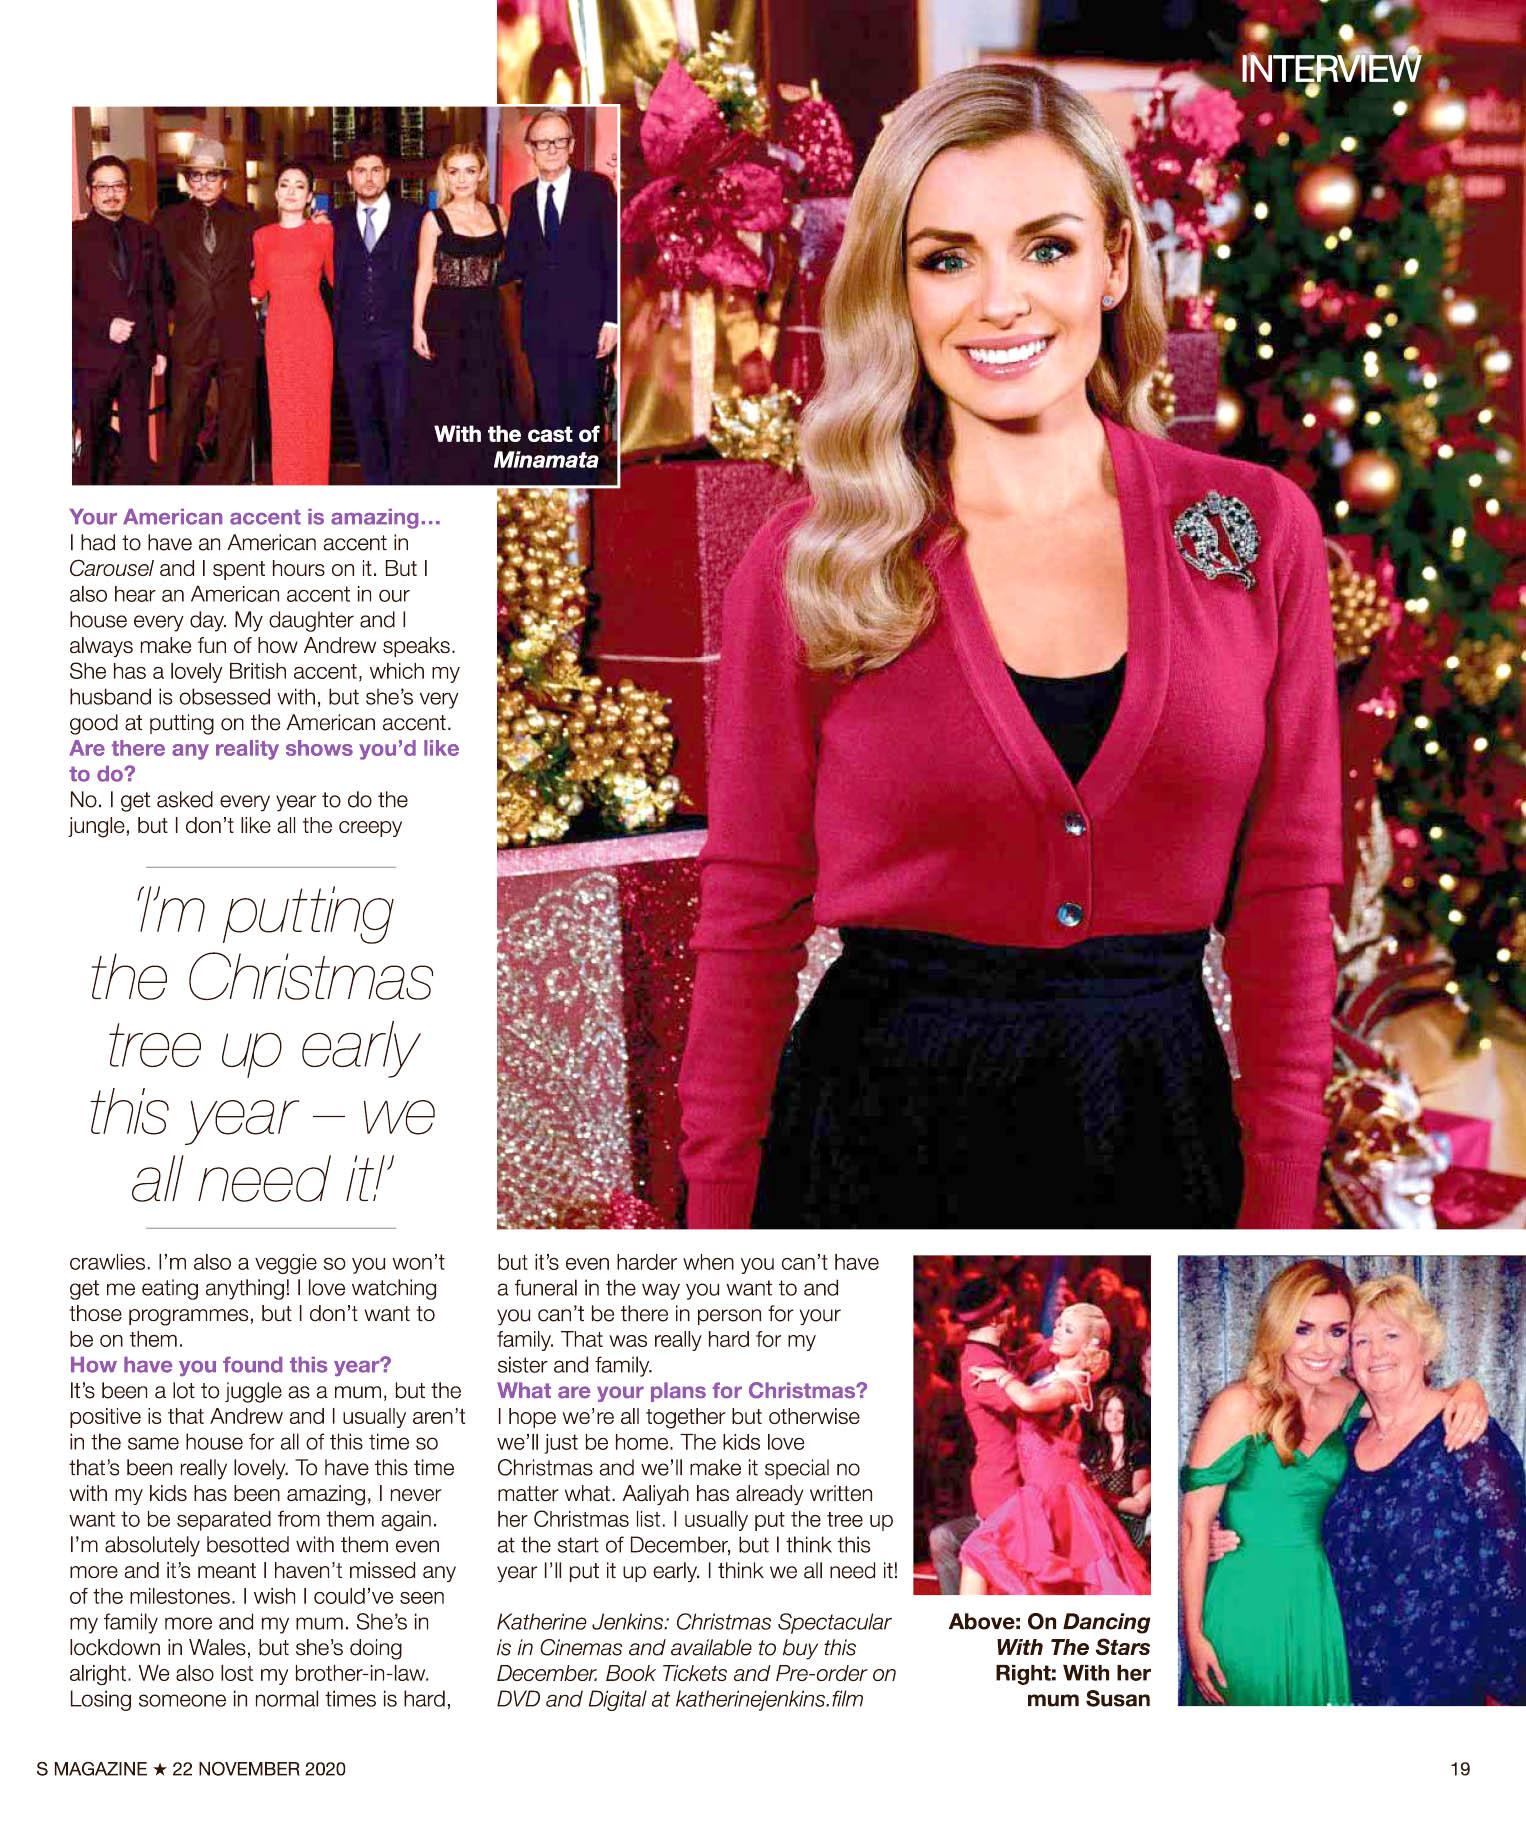 Sunday Express Magazine 201122 KJenkins 03.jpg